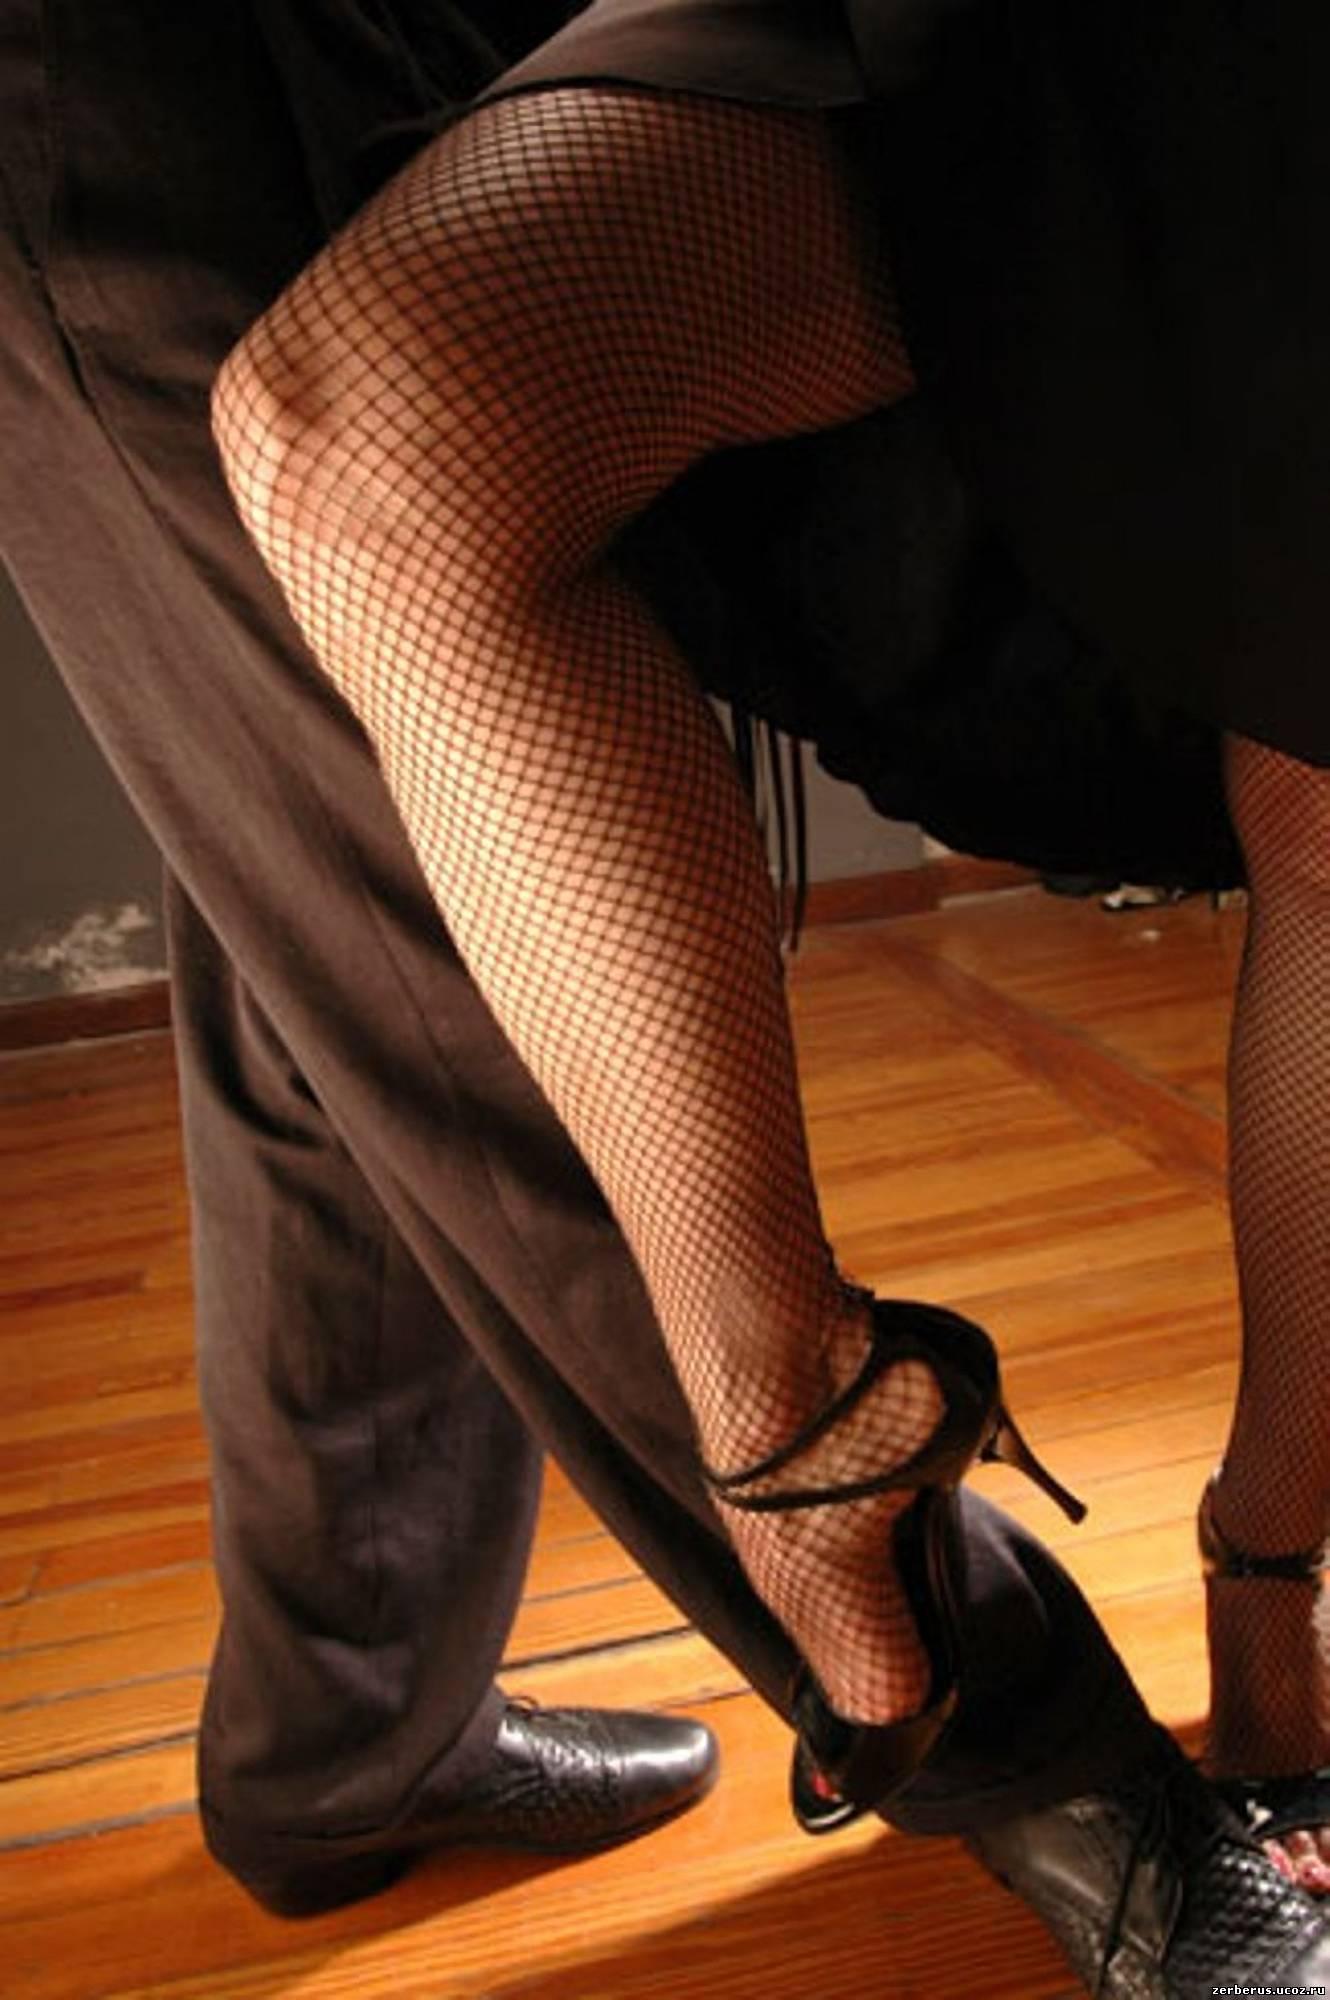 Фетиш покачивание ногой с туфелькой 12 фотография